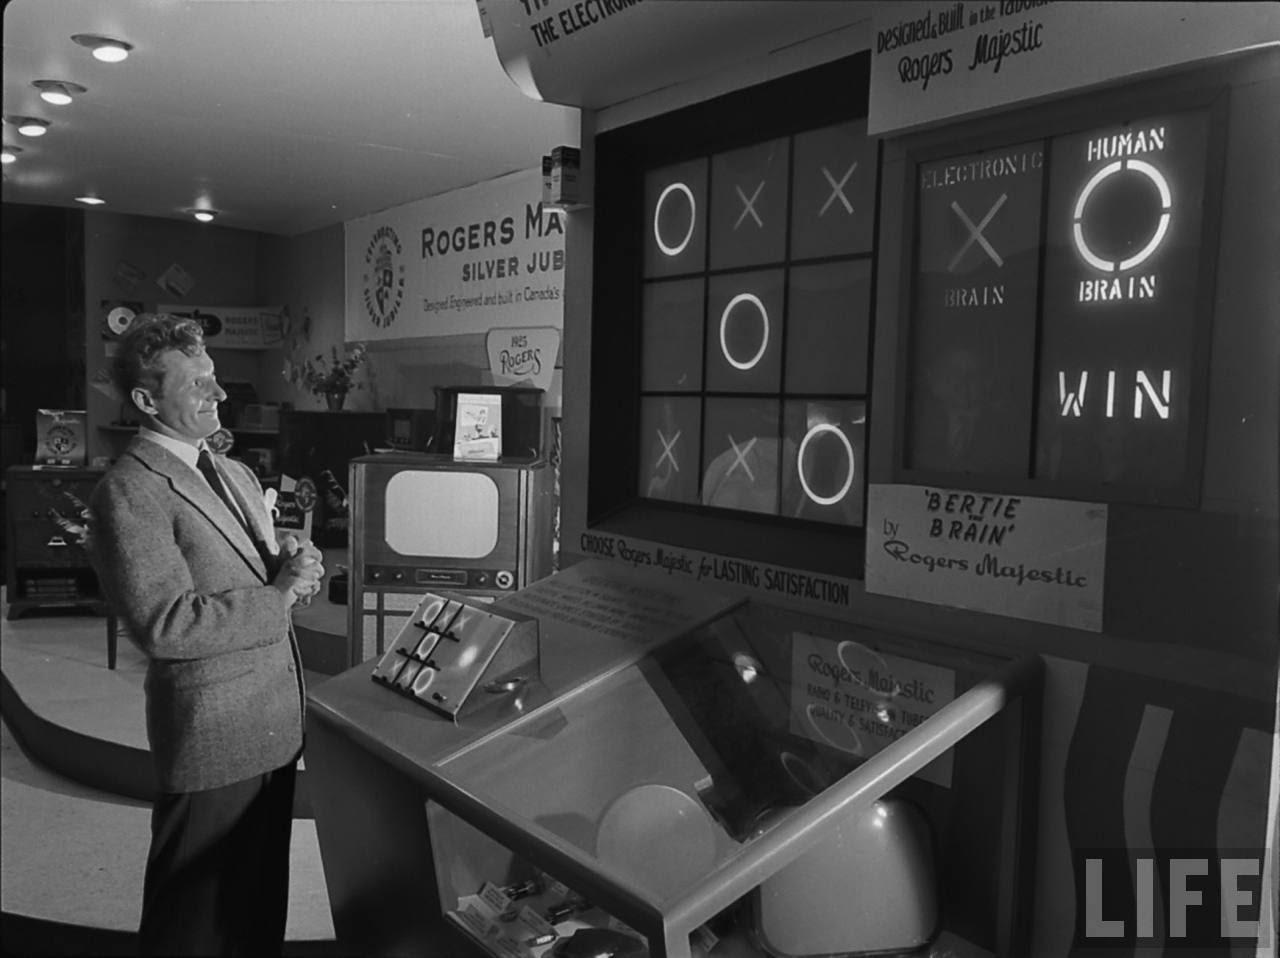 Bertie the Brain, Le comédien Danny Kaye photographié juste après avoir gagné contre la machine, Life, 1950